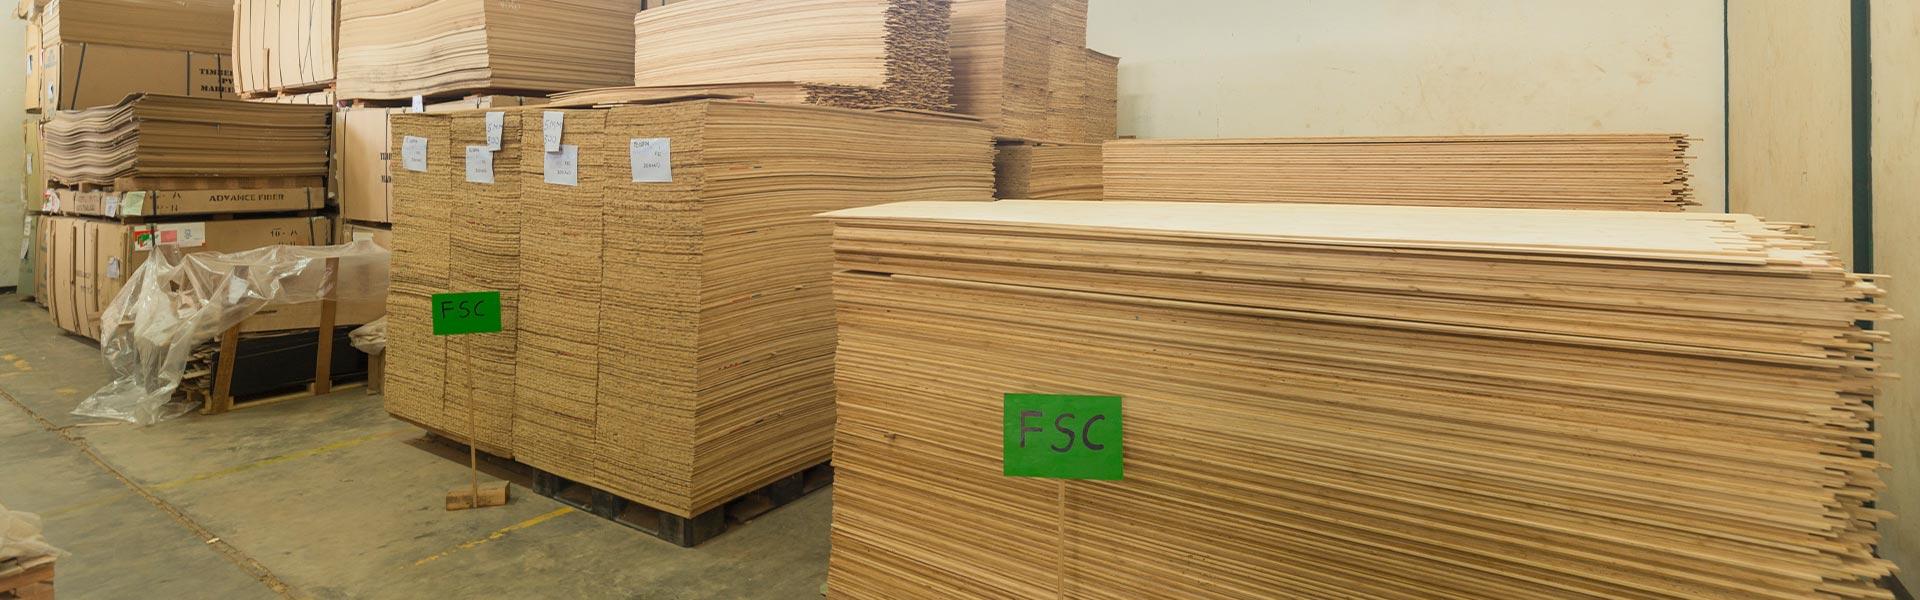 Timber Stocks